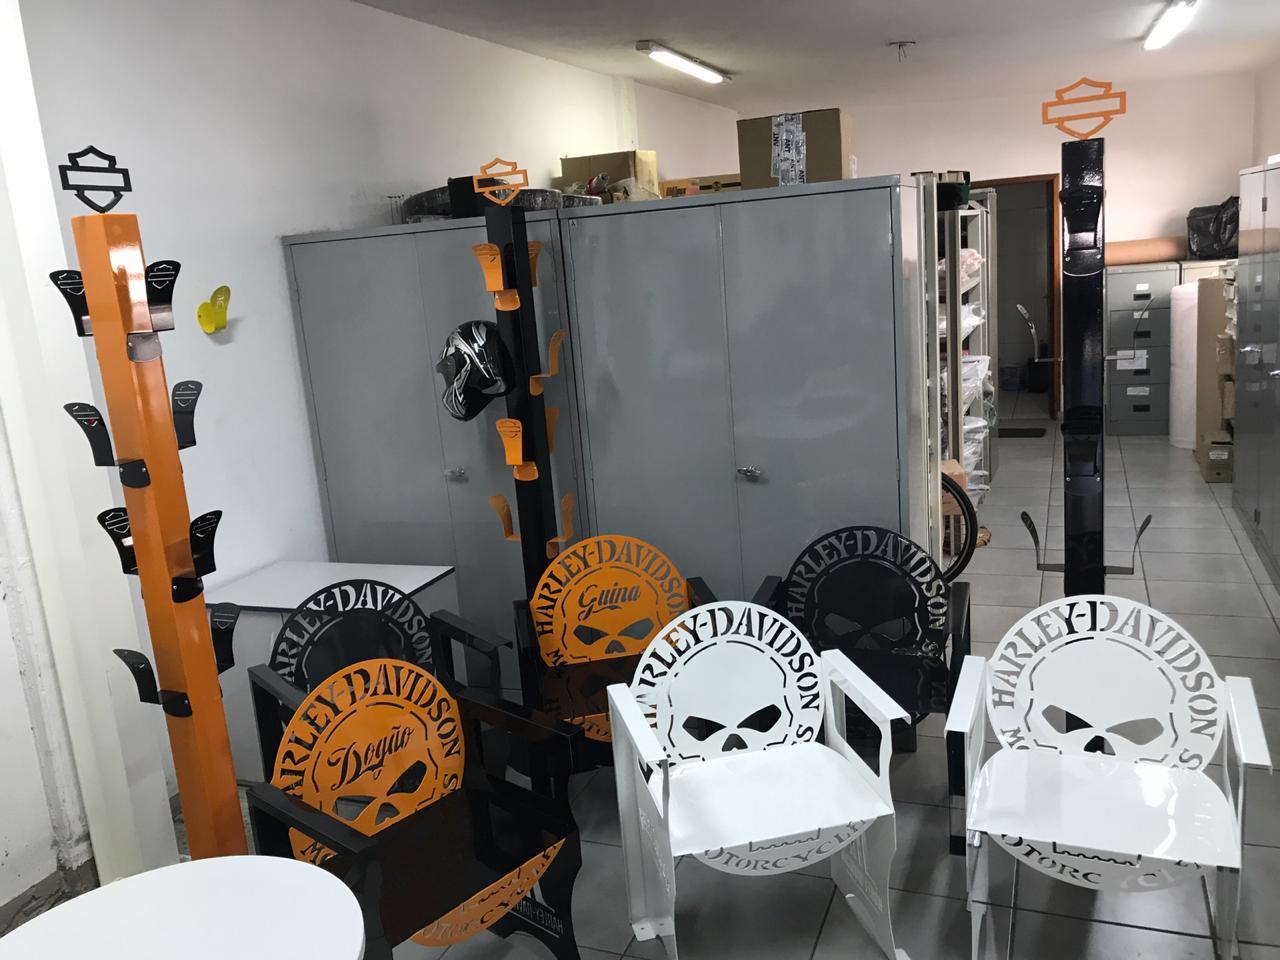 Poltrona SKULL Harley-Davidson 0,65 m BRANCA  - HDC Brasil